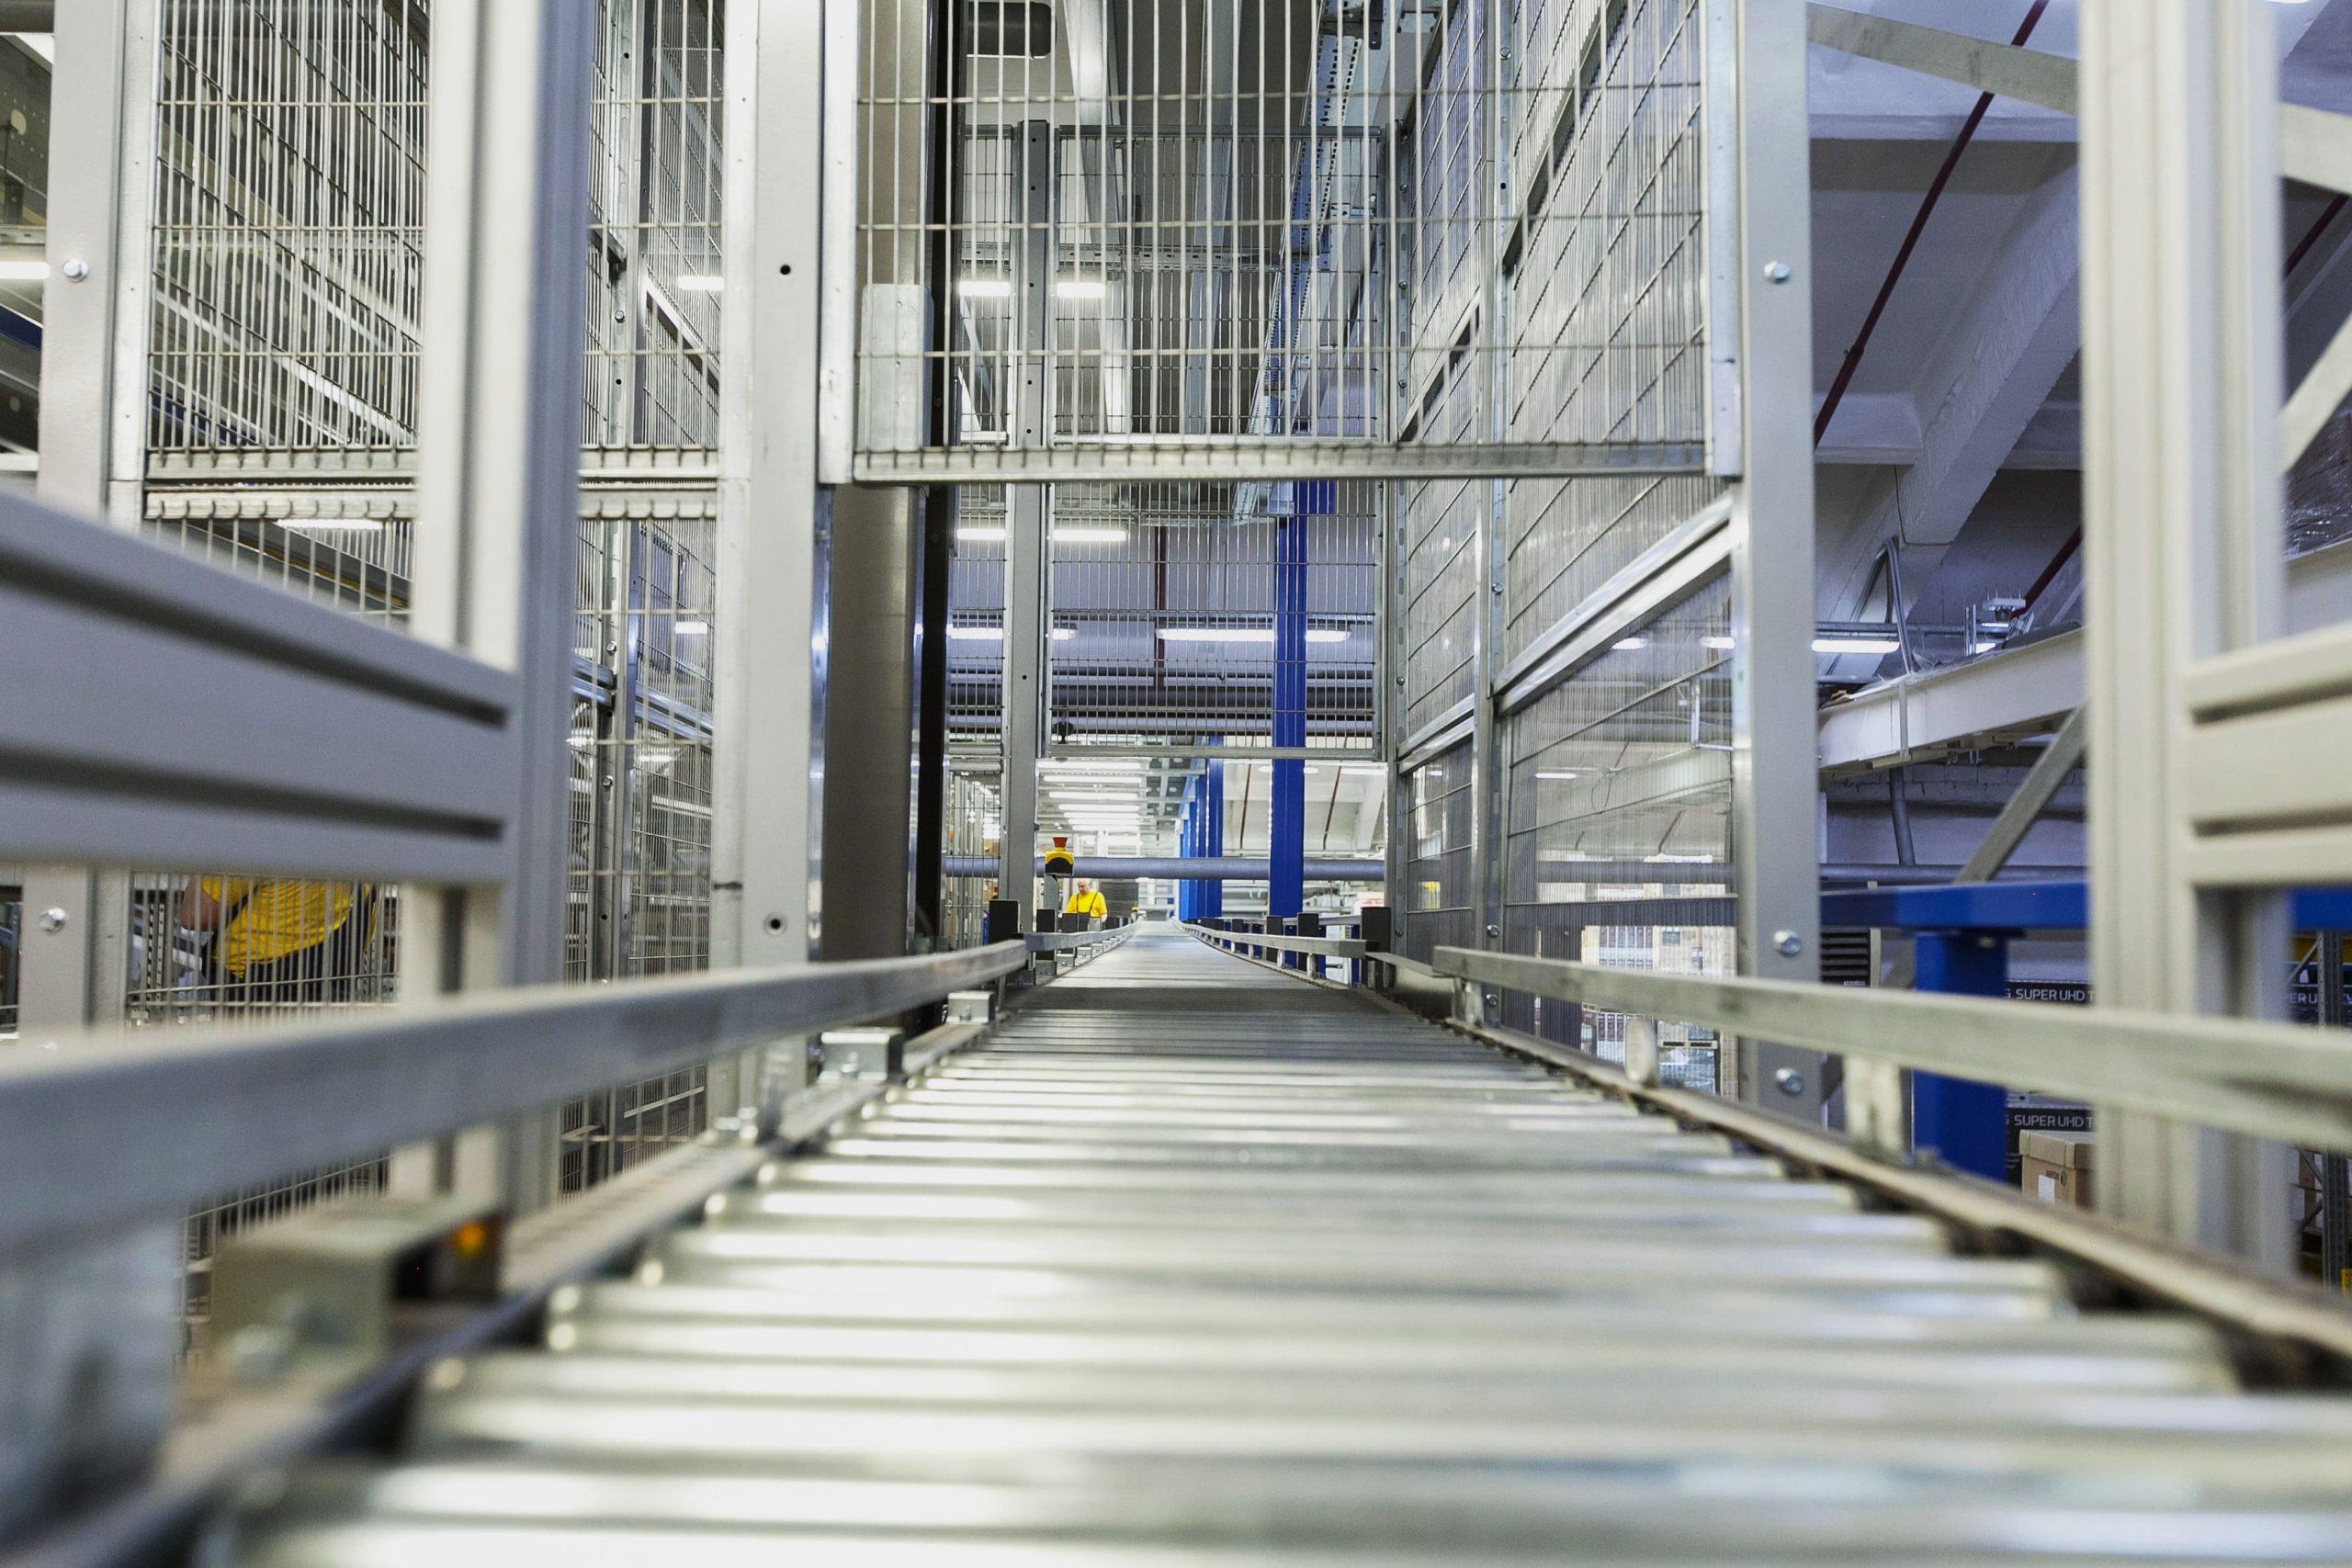 ERC warehouse automation, equipment distributor - 4 - kapelou.com